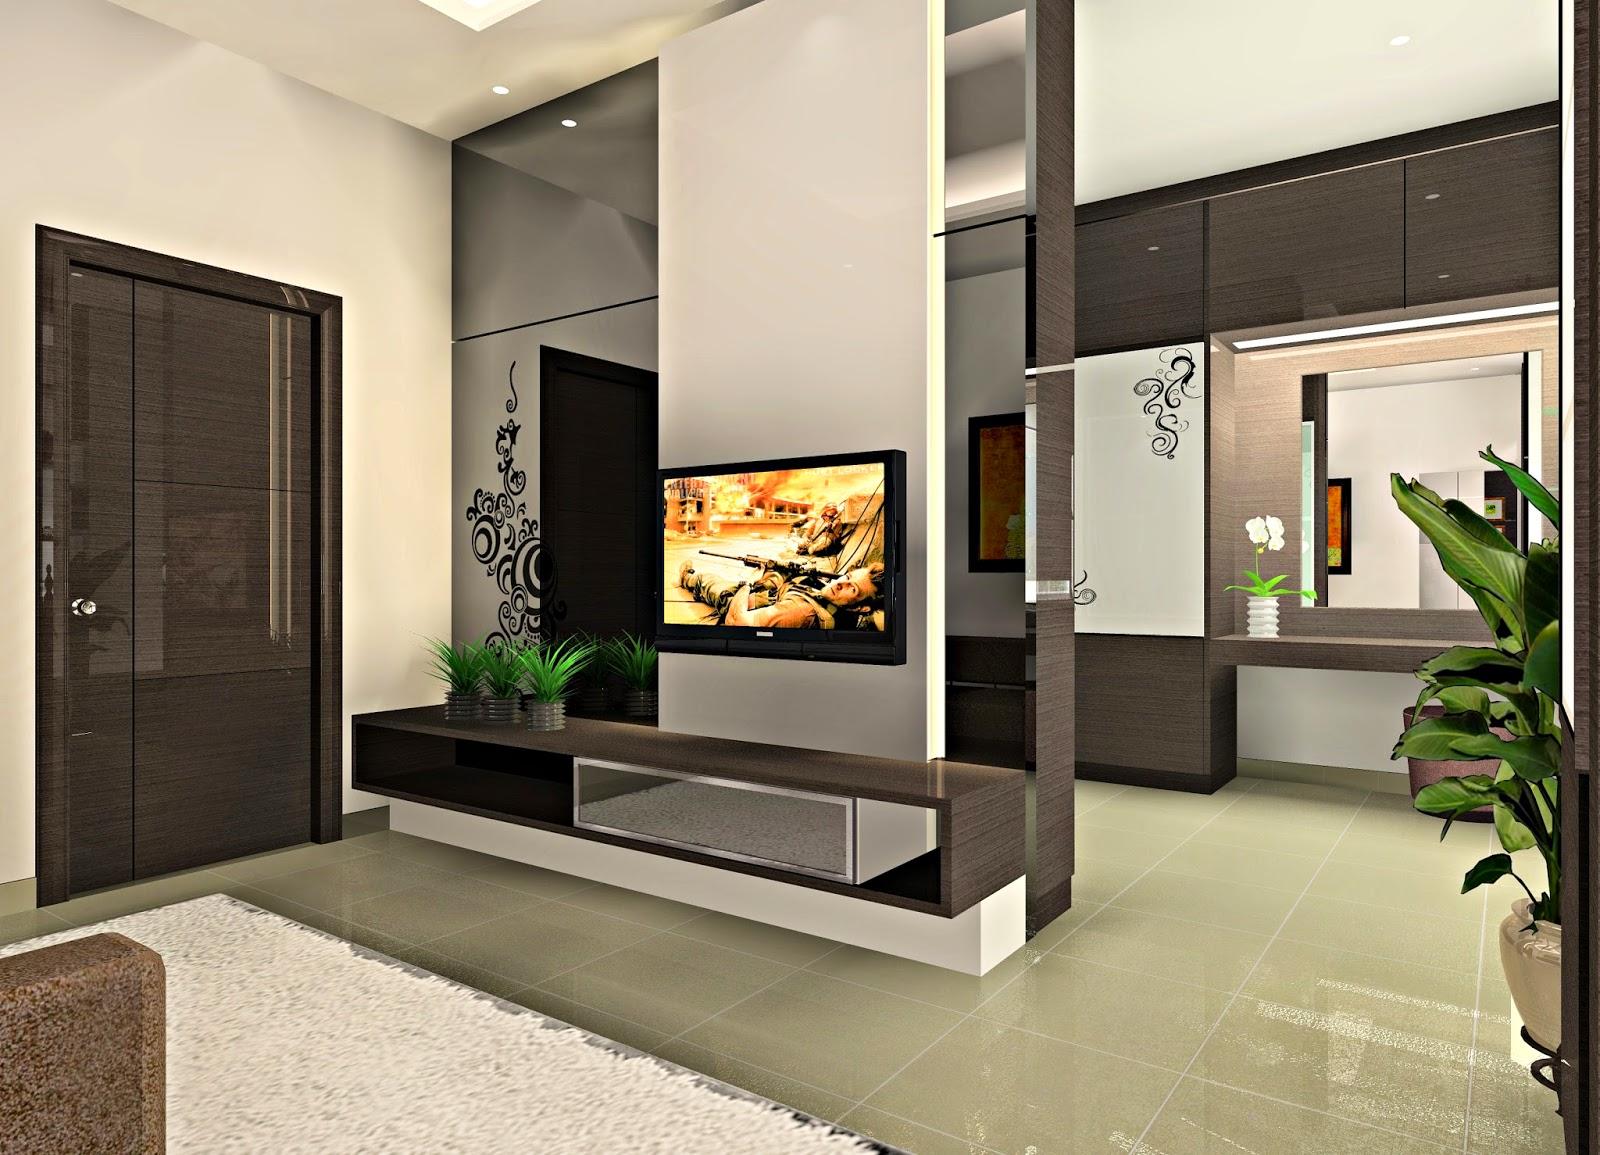 Desain Ruang Tamu Minimalis Modern  RAJA DISAIN INTERIOR